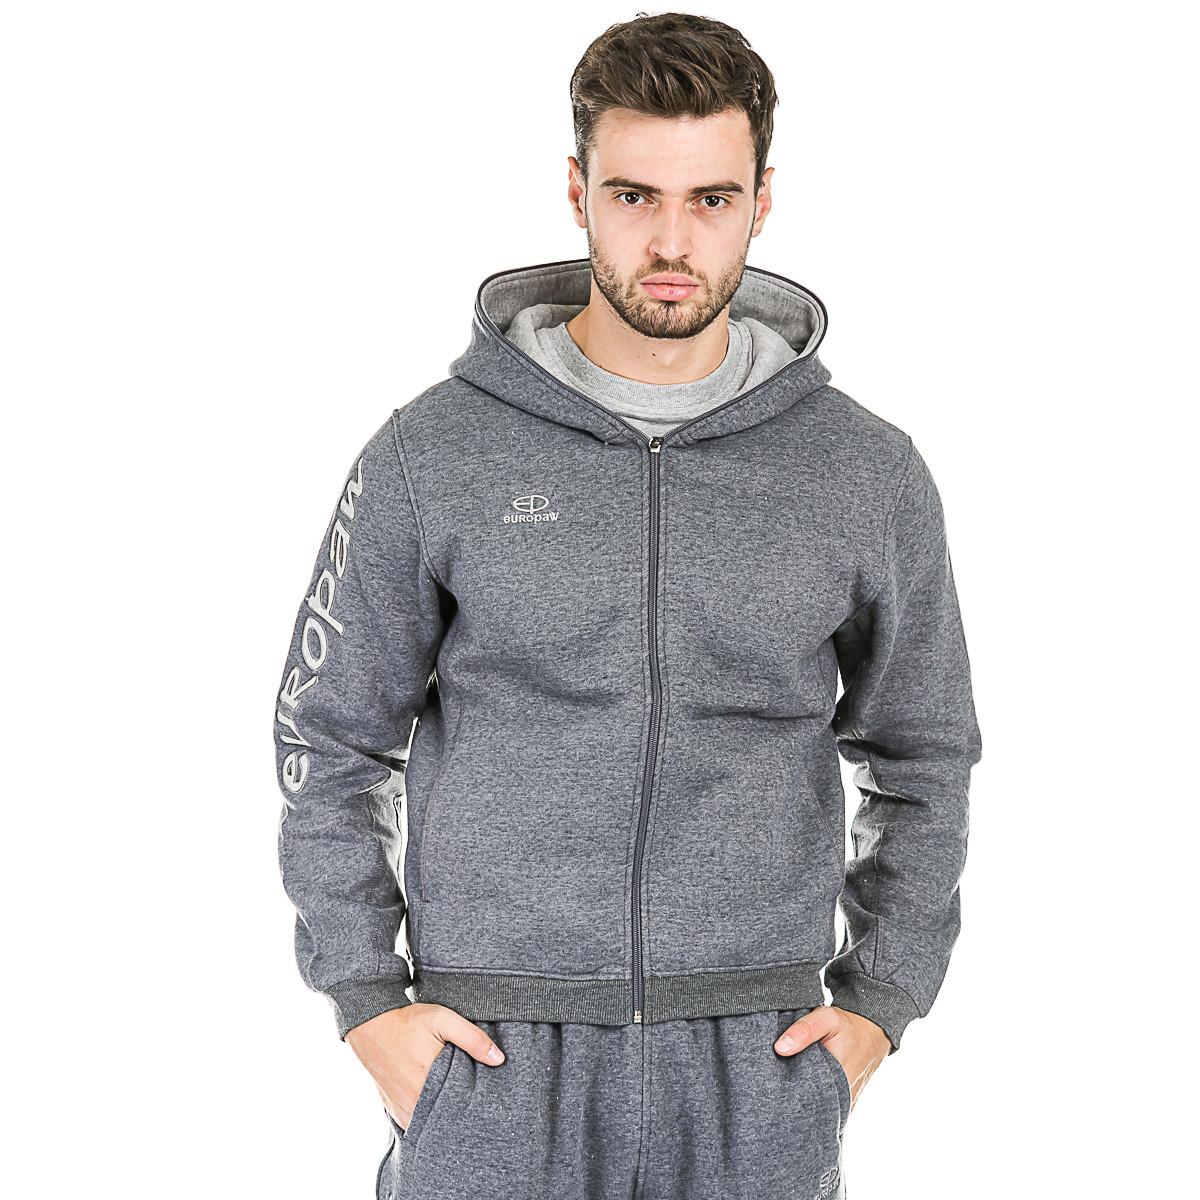 Спортивный костюм трикотажный Europaw 16 (теплый) серый